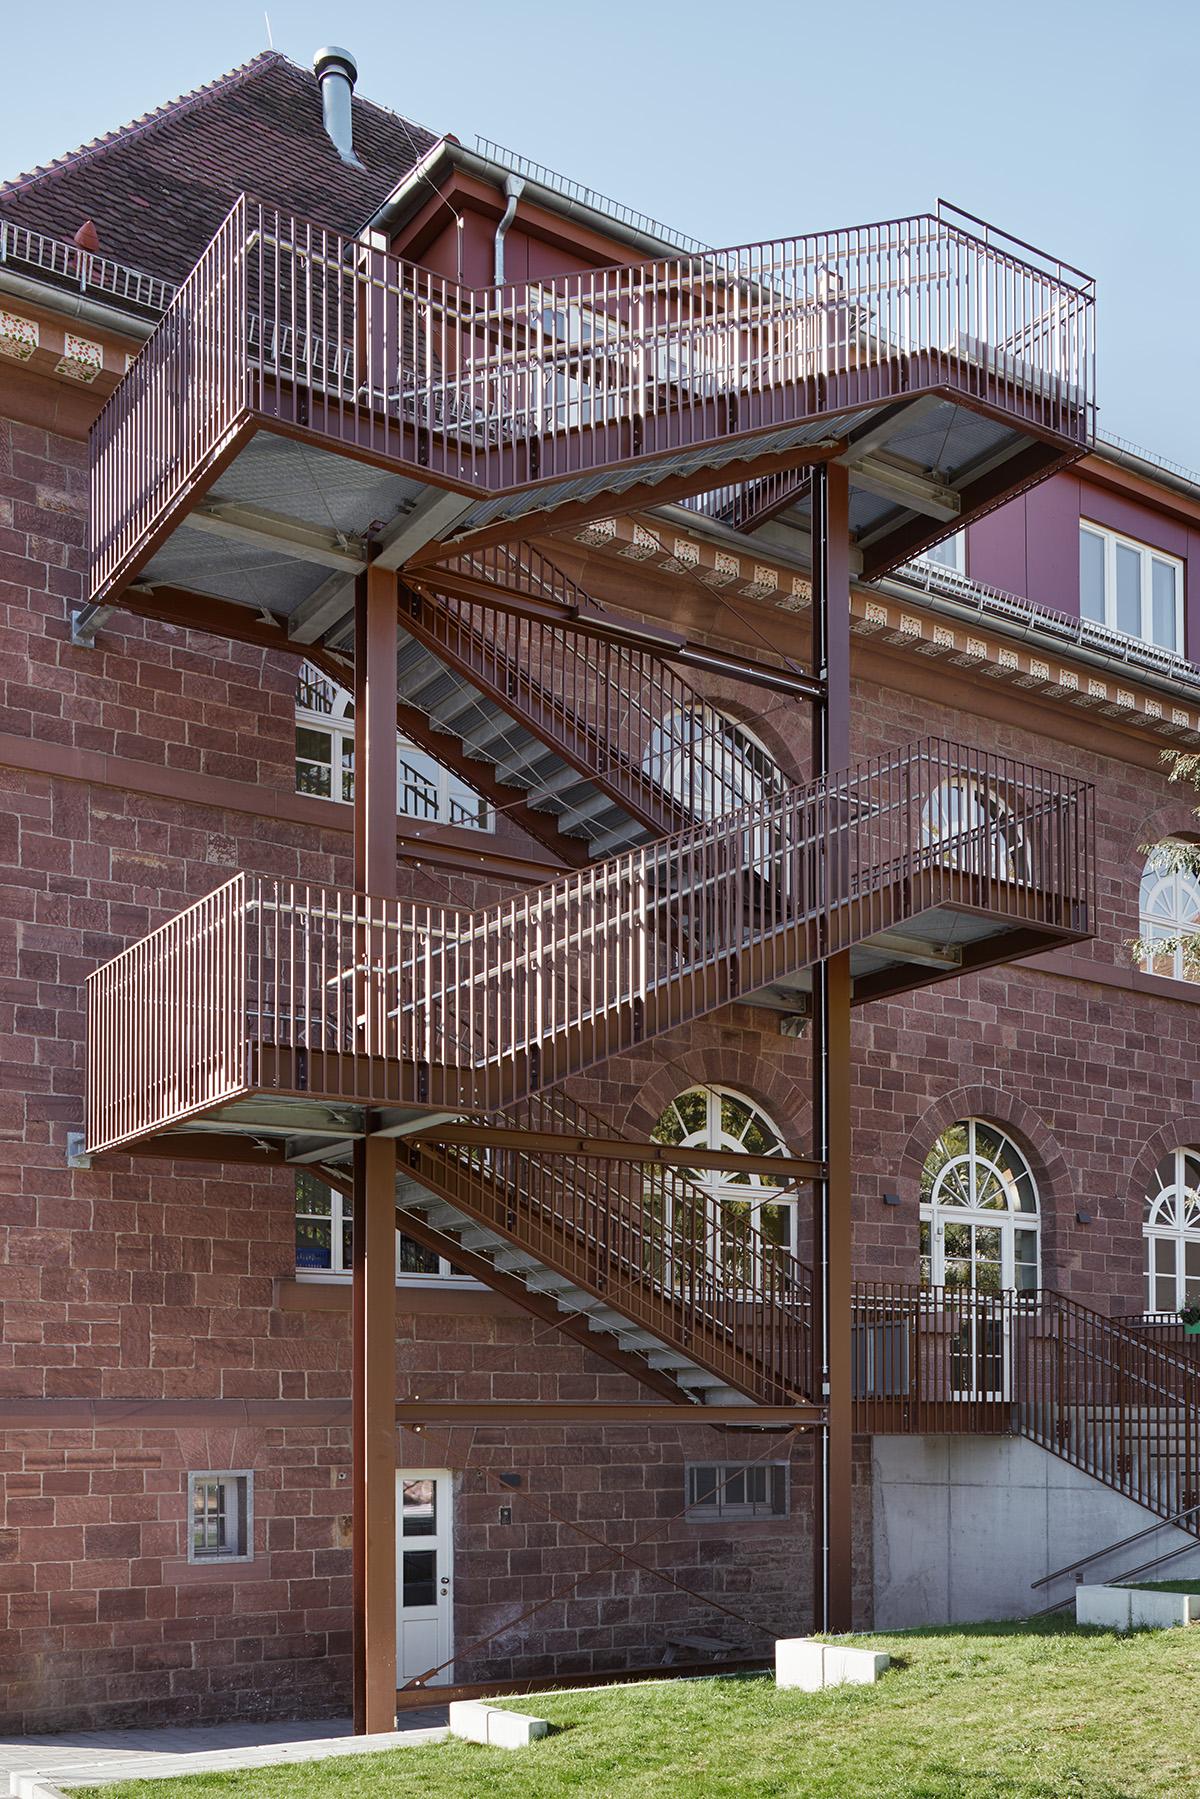 umbau der grundschule grünwettersbach für die kita doefwies  architektur klinkott architekten kaiserstraße 235 76133 karlsruhe www.klinkott-architekten.de